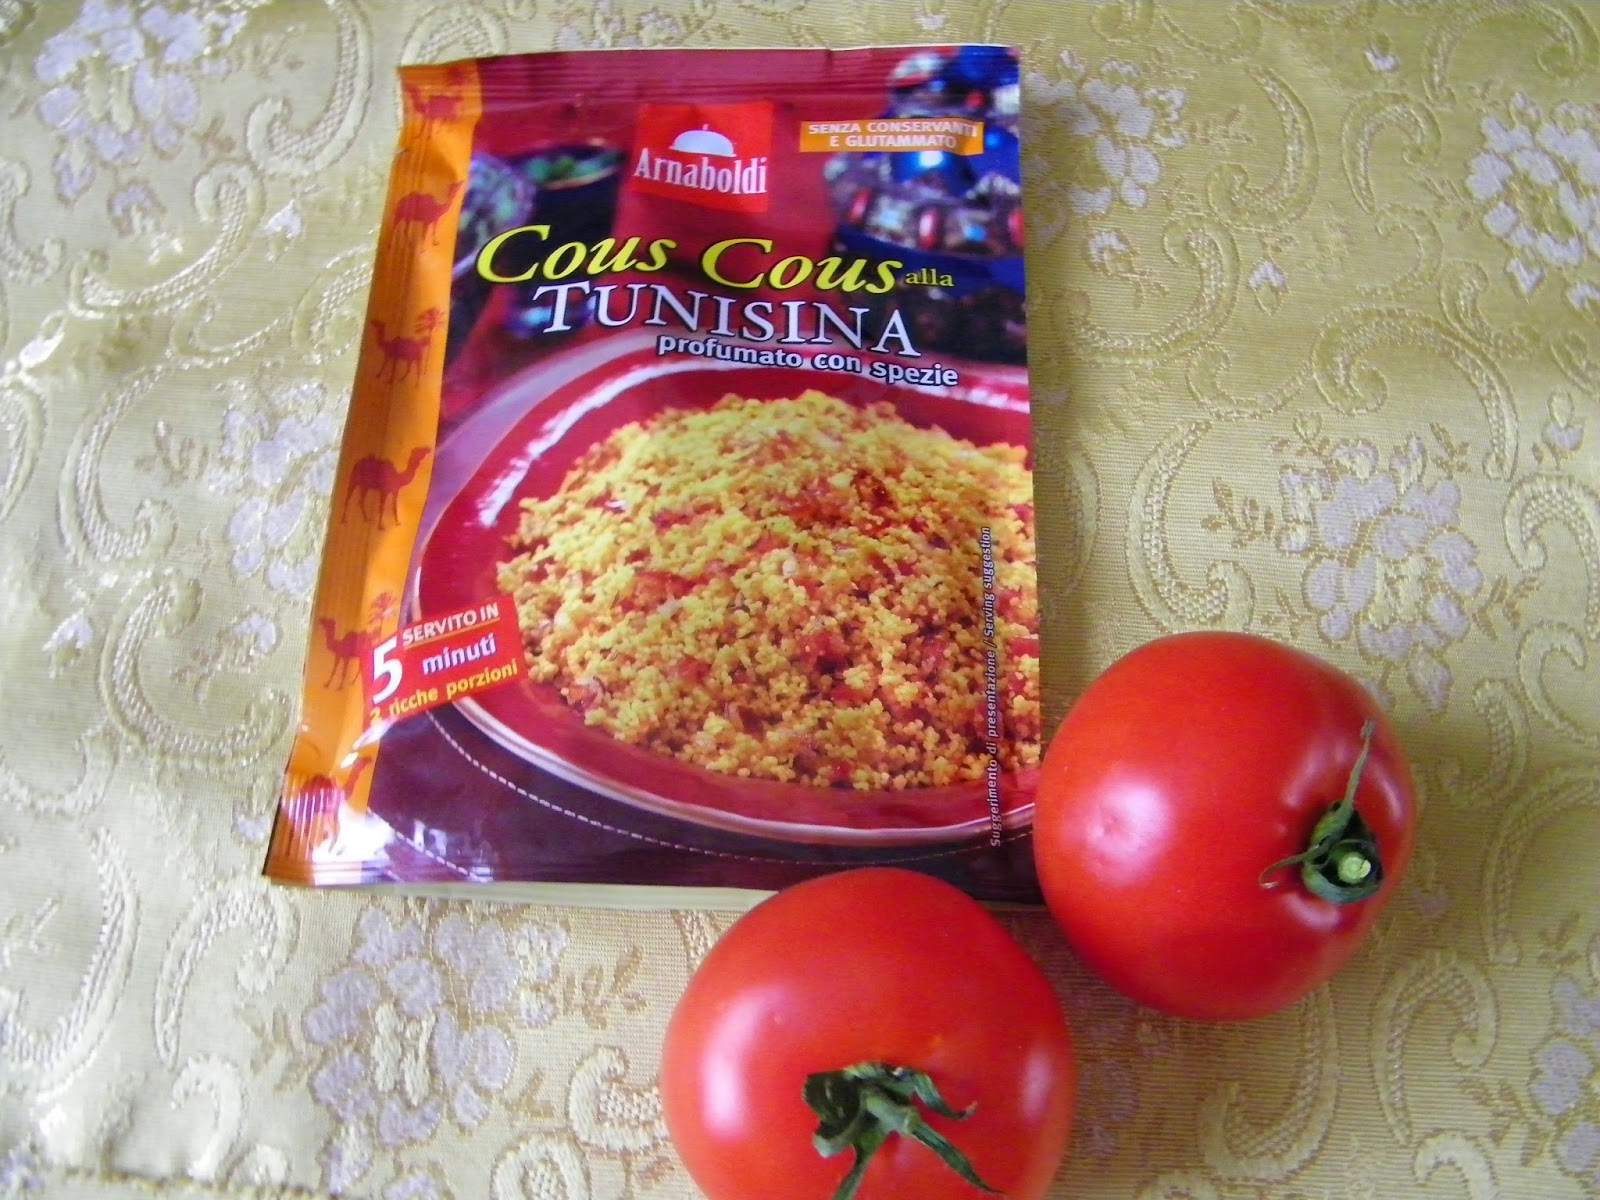 ,pomodori ripieni di  cous cous alla tunisina arnaboldi